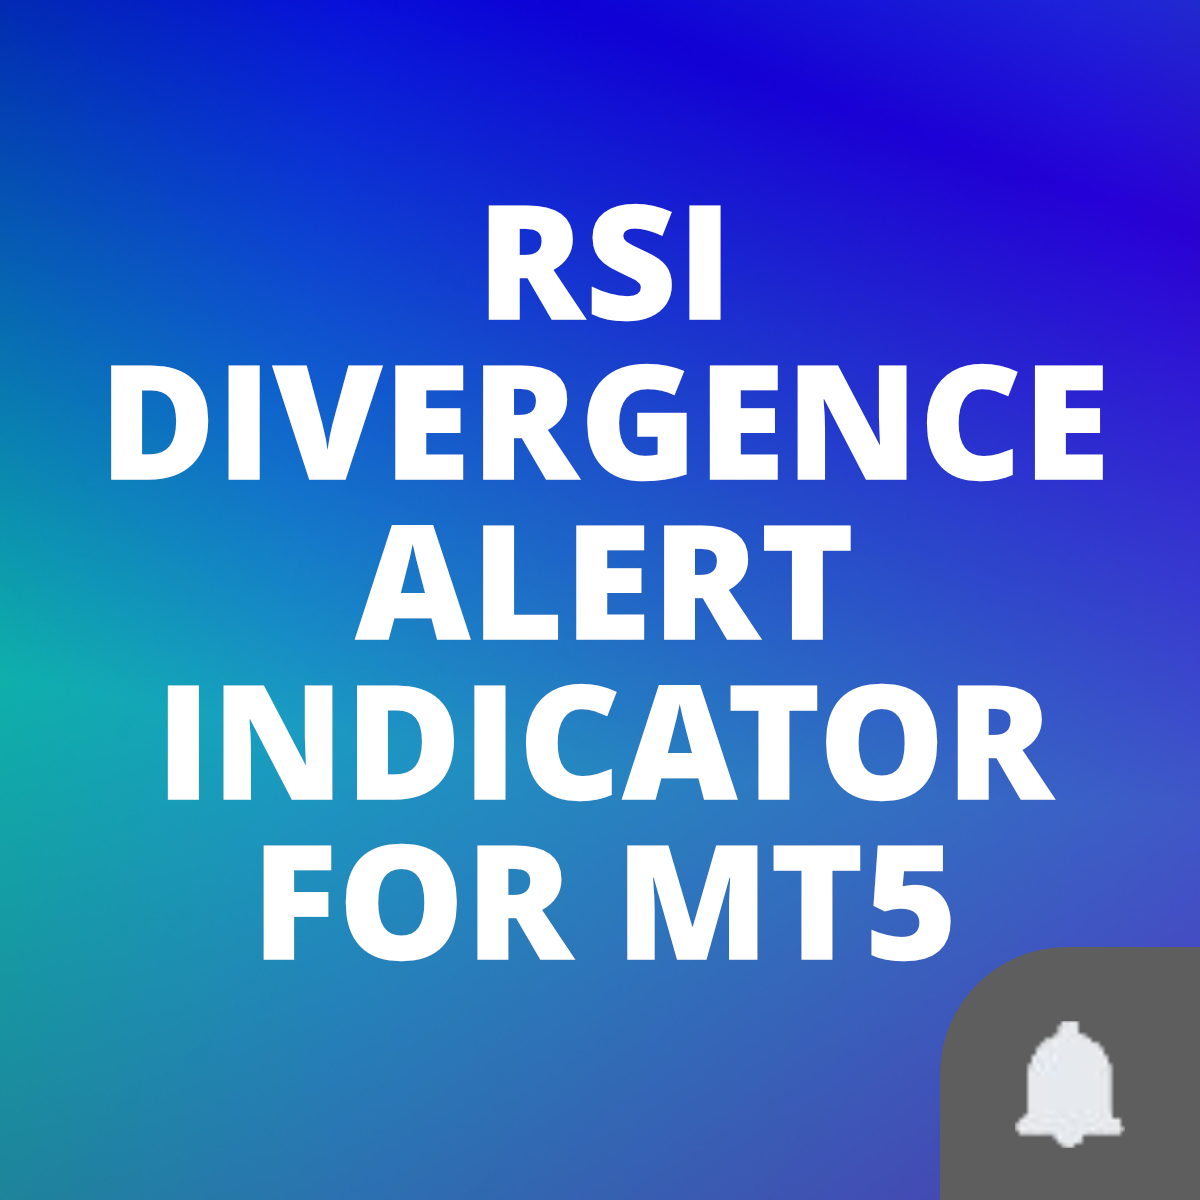 RSI Divergence alert indicator for MT5